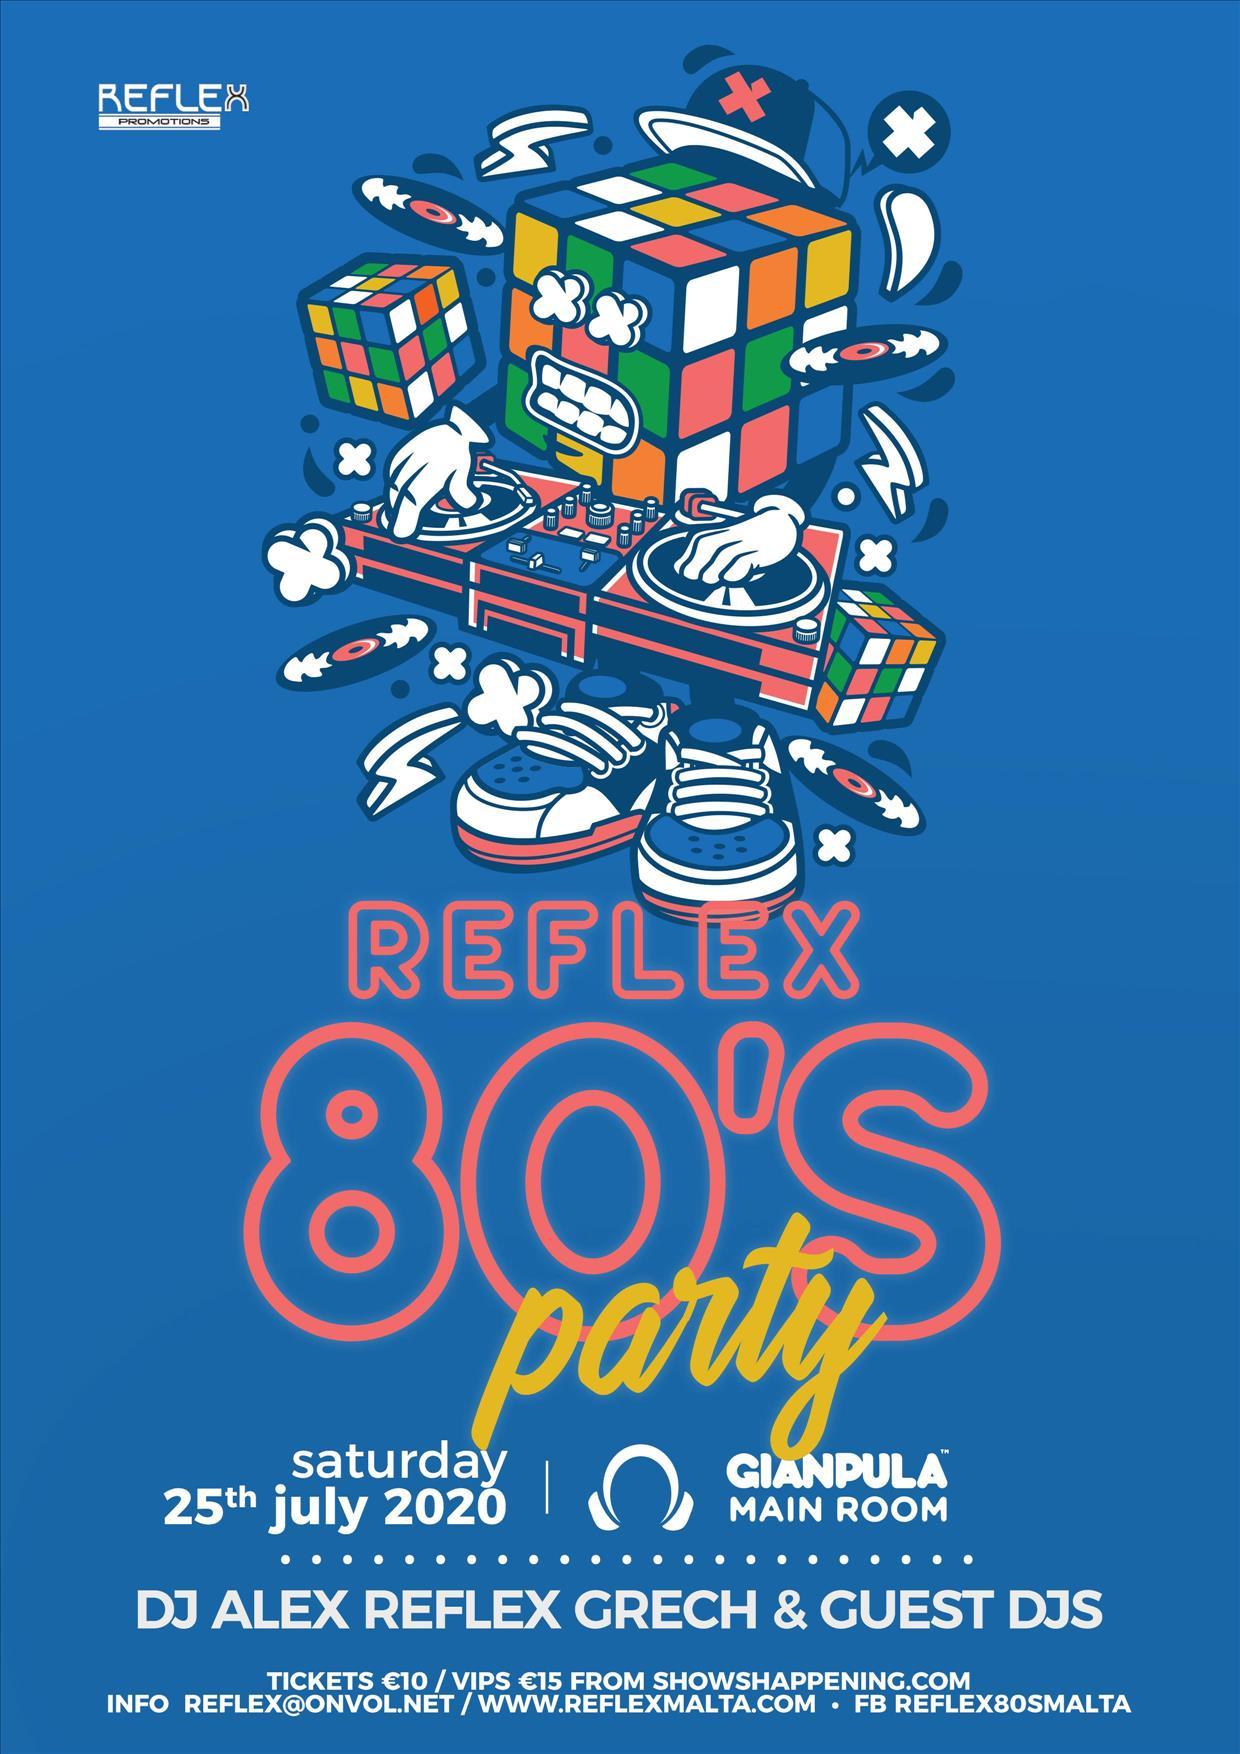 Reflex 80's Party with DJ Alex Grech flyer